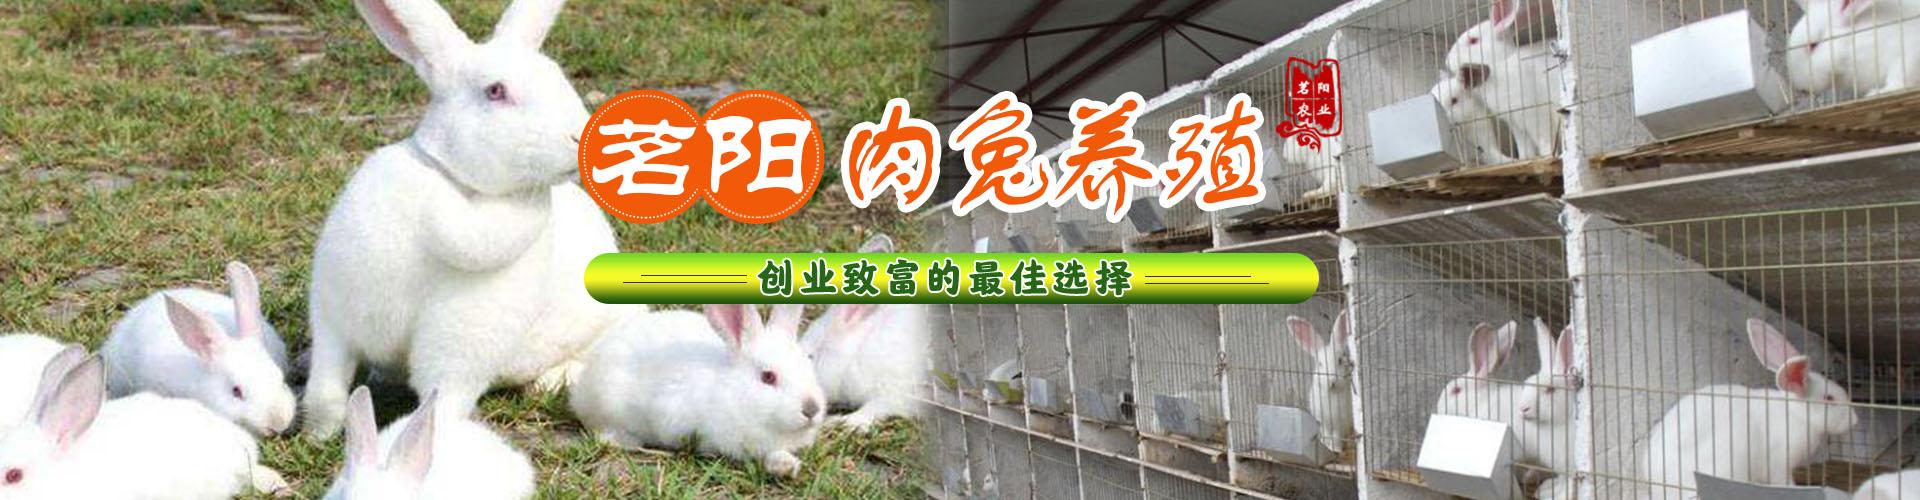 兔子banner2